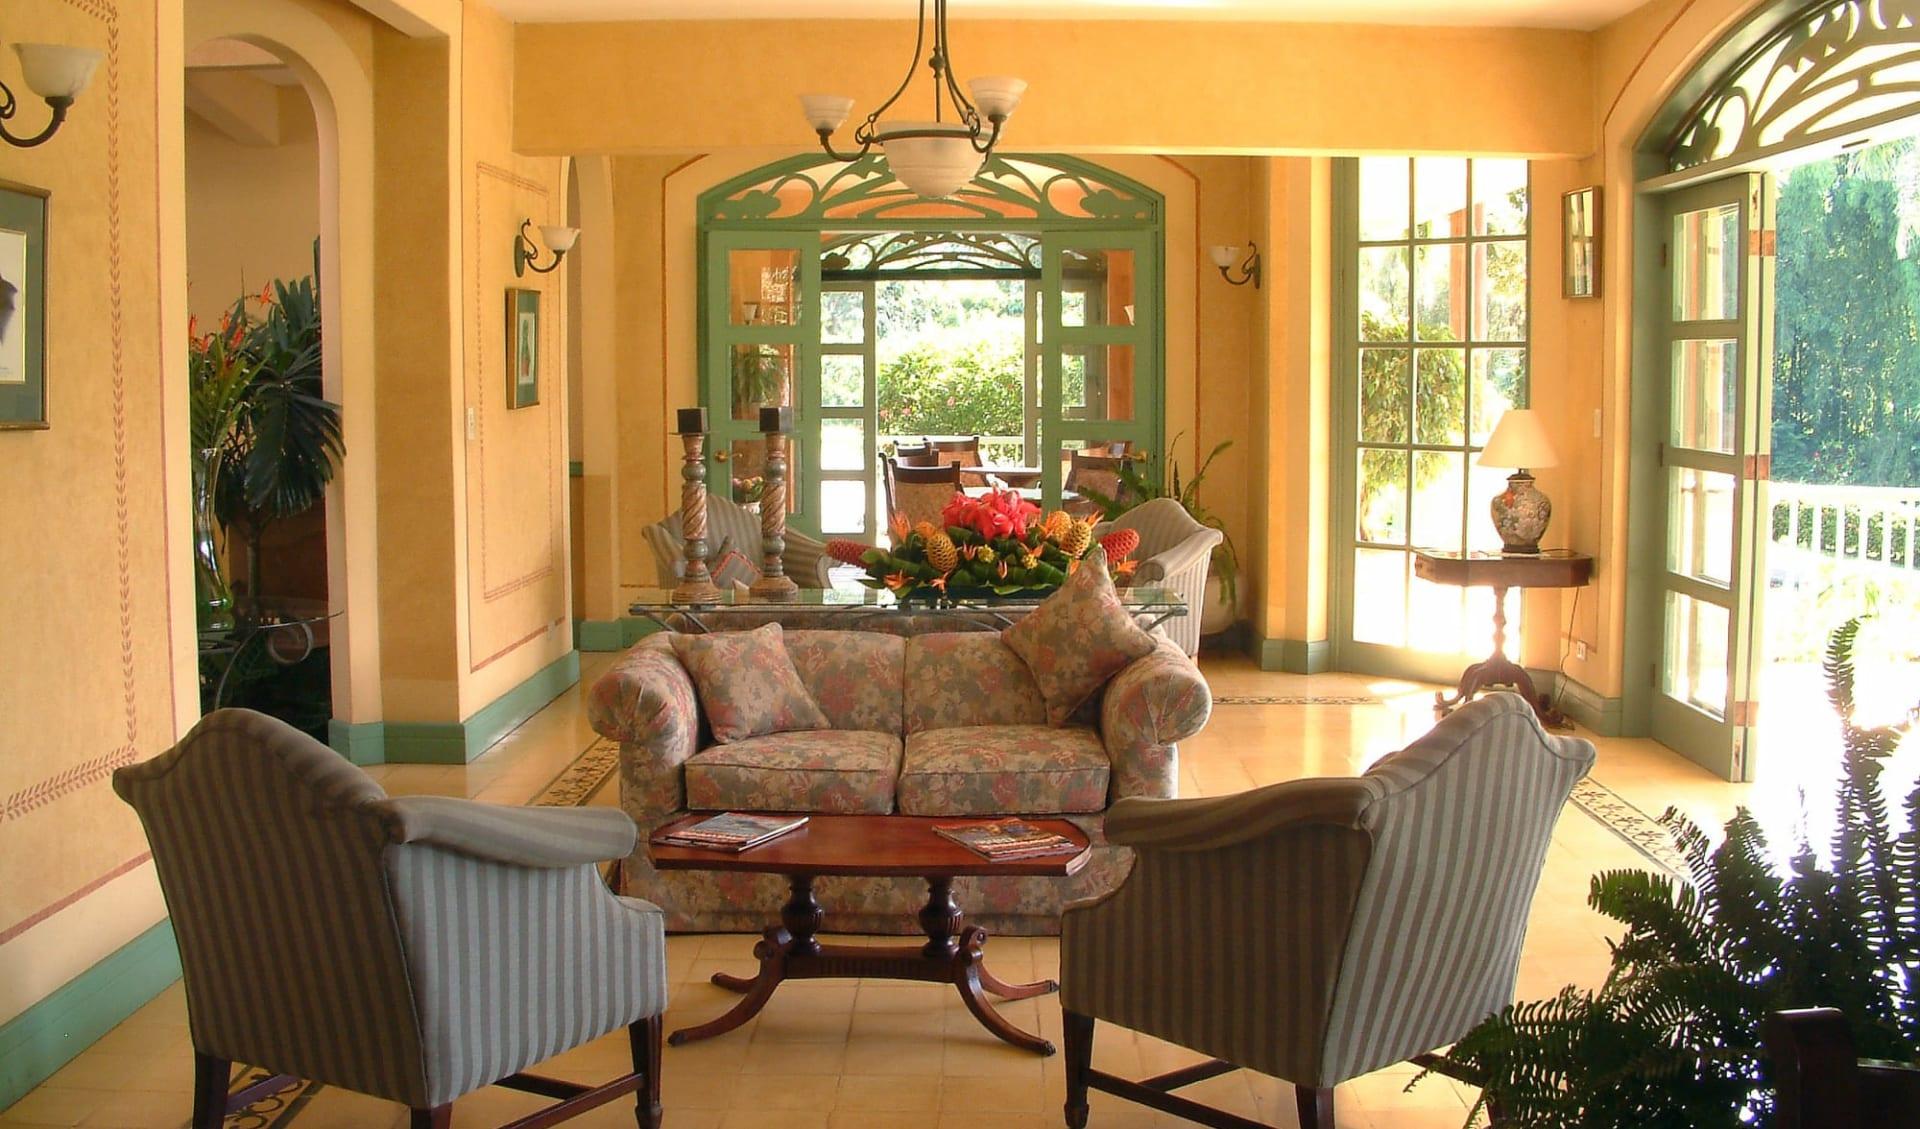 Casa Turire in Turrialba:  Casa Turire Lobby